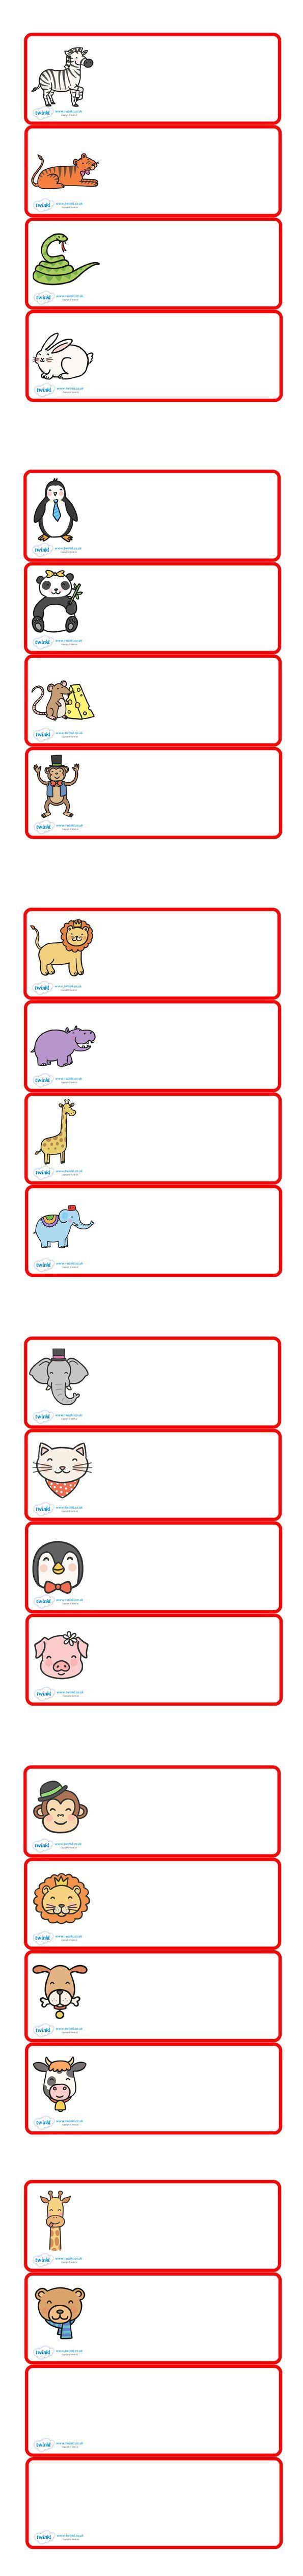 naamkaartjes dierentuin